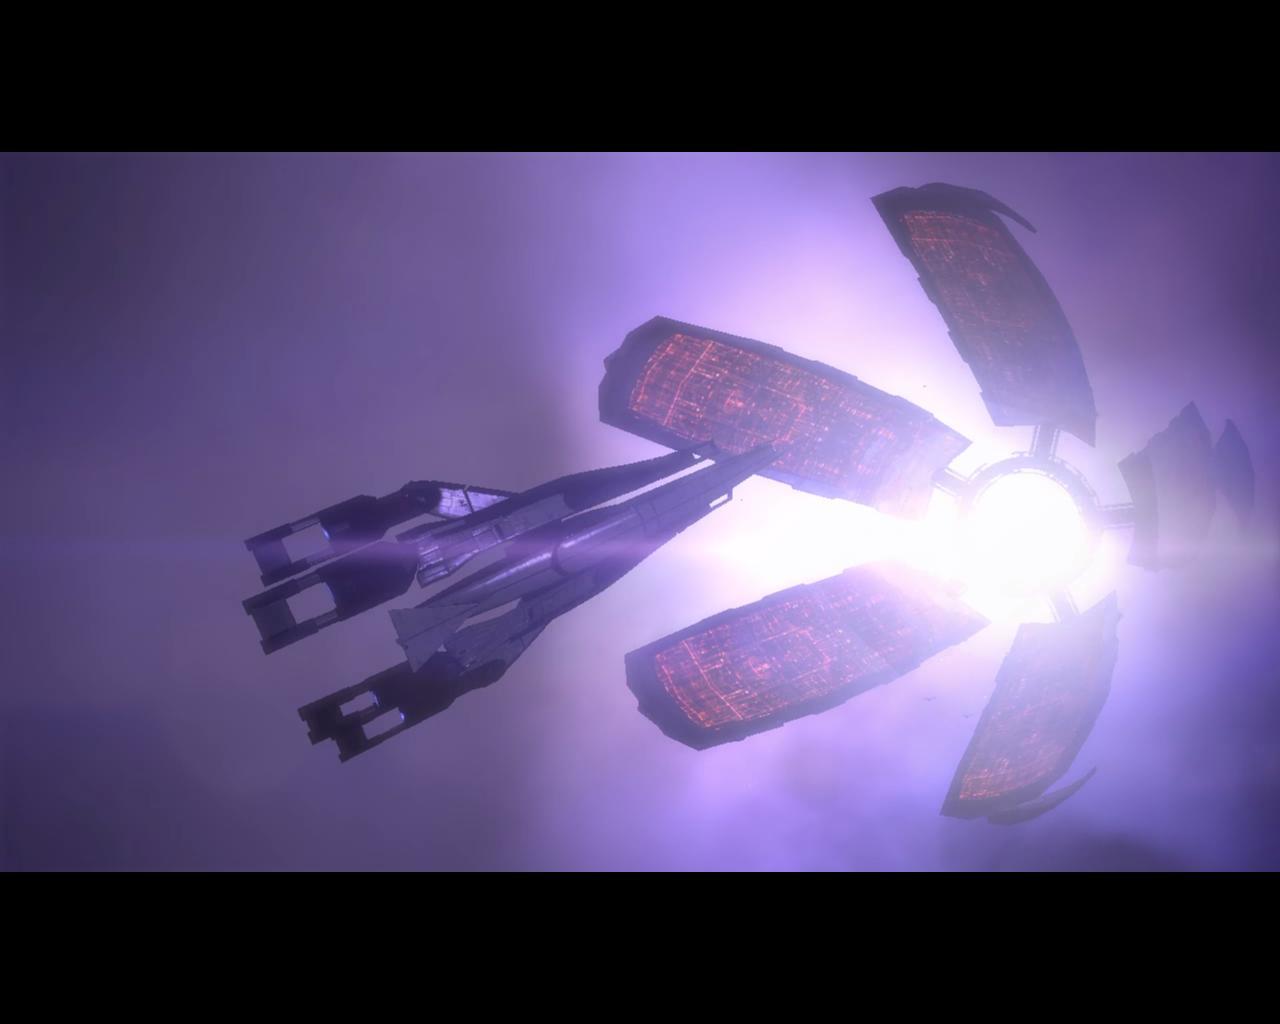 mass effect quasar quest